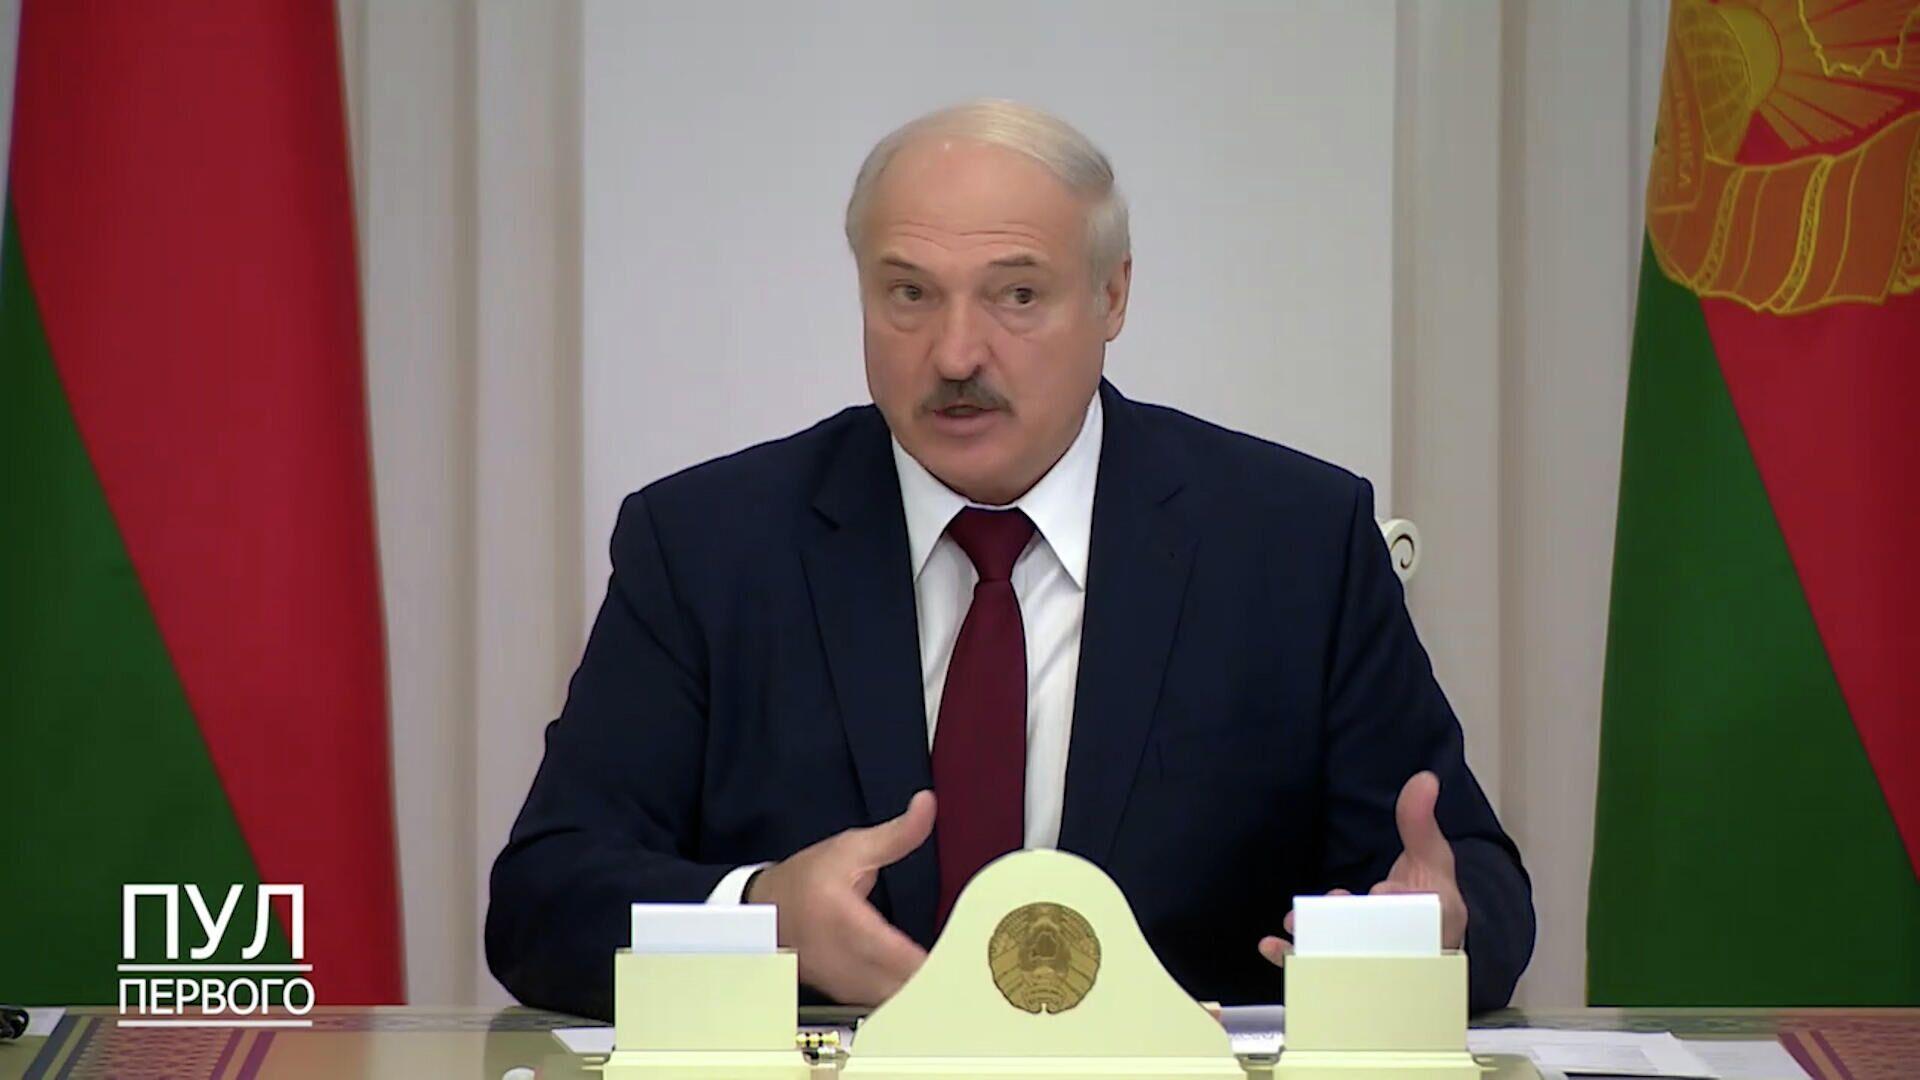 Уберите детей с улиц, чтобы потом не было больно - Лукашенко пригрозил родителям студентов - РИА Новости, 1920, 27.10.2020